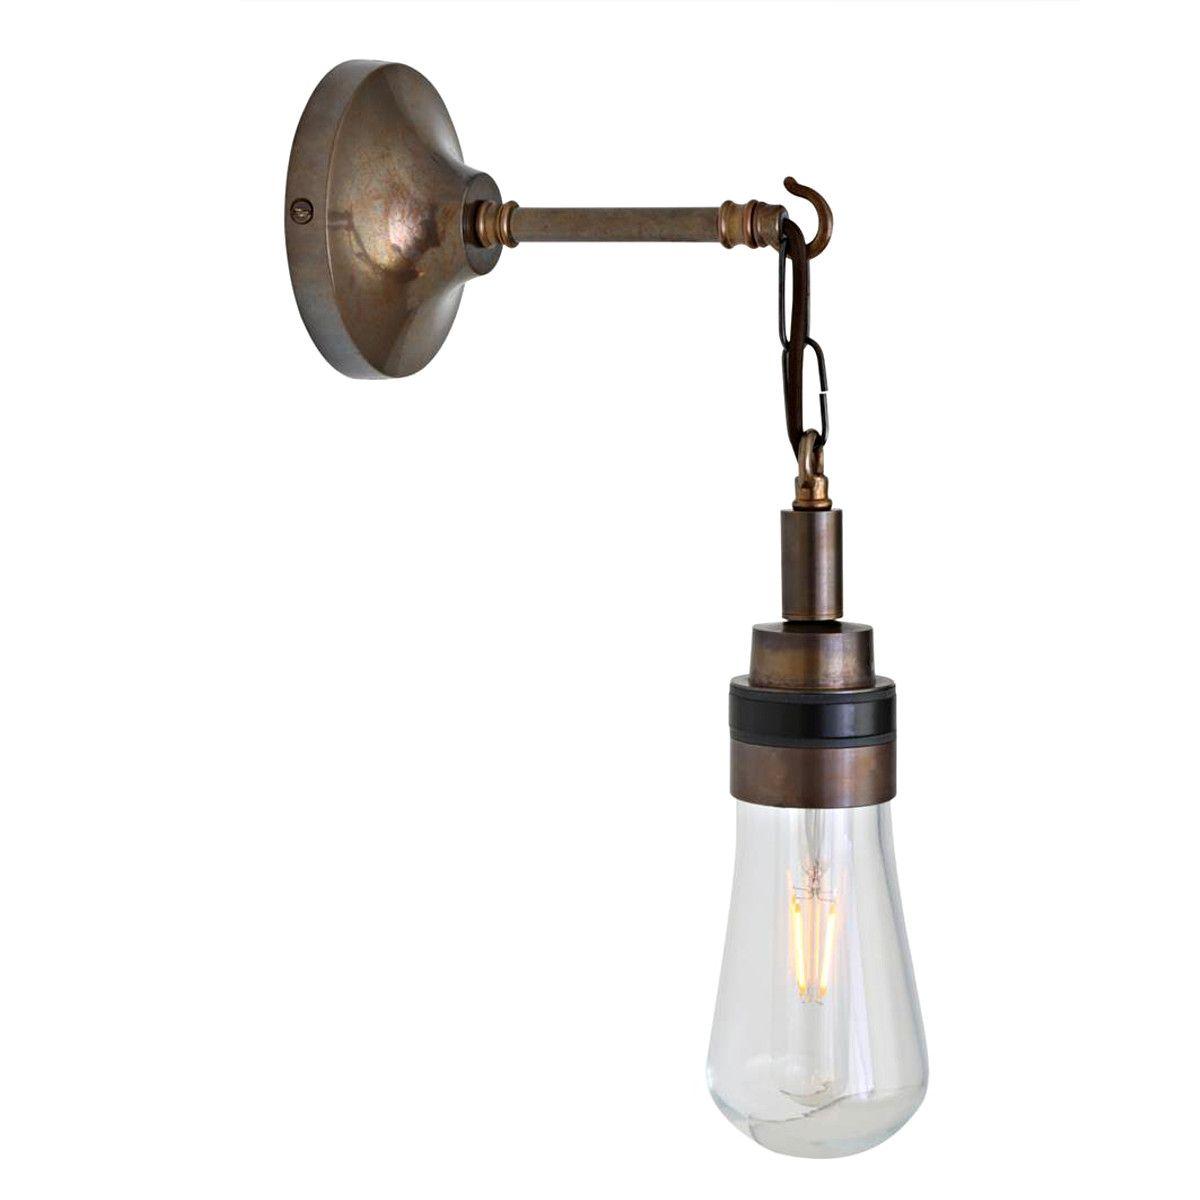 Badezimmer Wandlampe Mit Kette Ip65 Von Aire Lighting Wandlampe Badezimmer Wandlampe Lampe